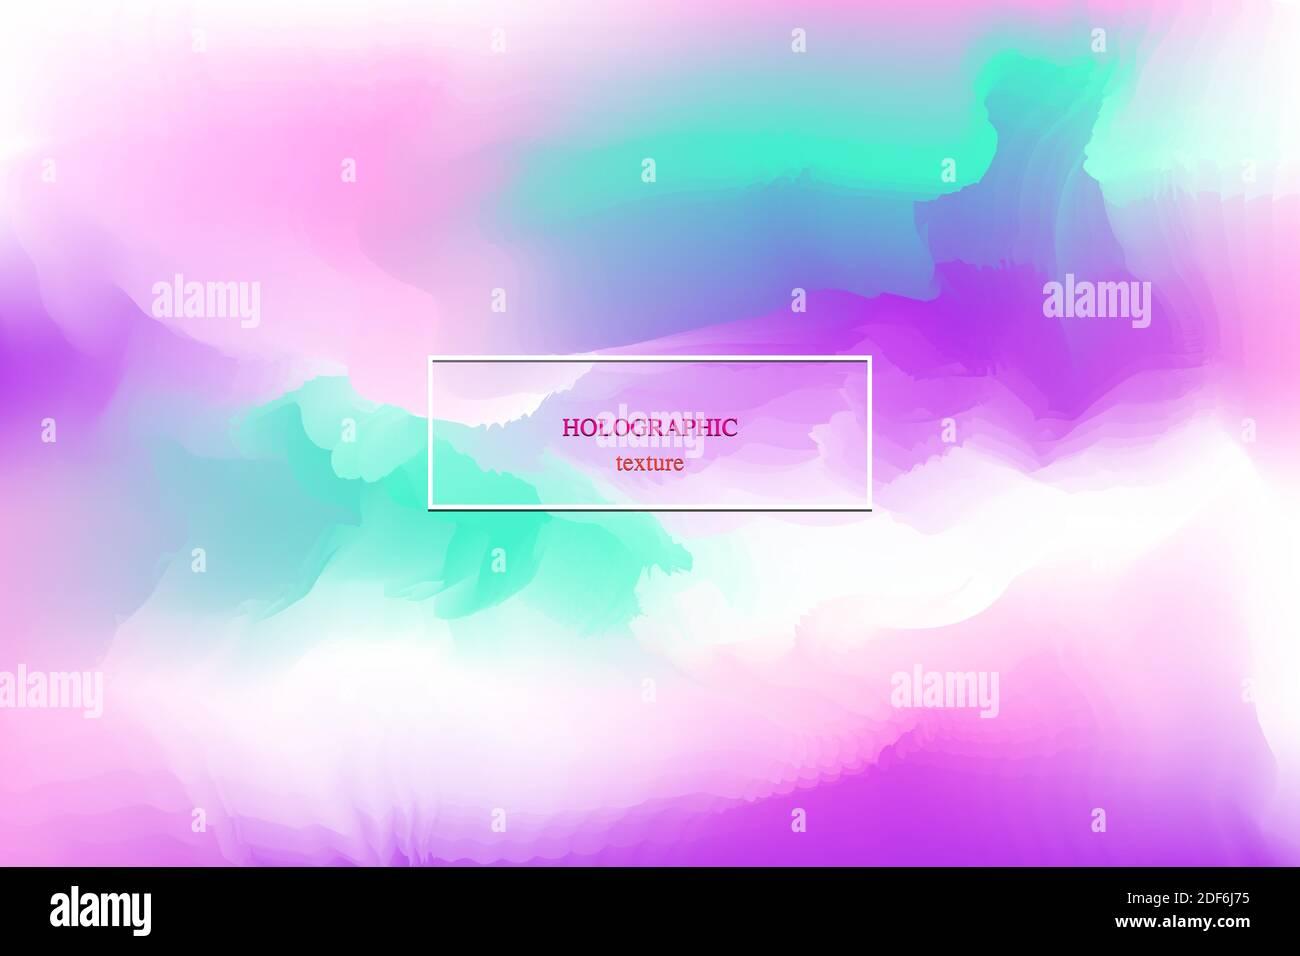 Holographic Folie Textur Design Vorlage Hintergrund. Vektorgrafik Stock Vektor